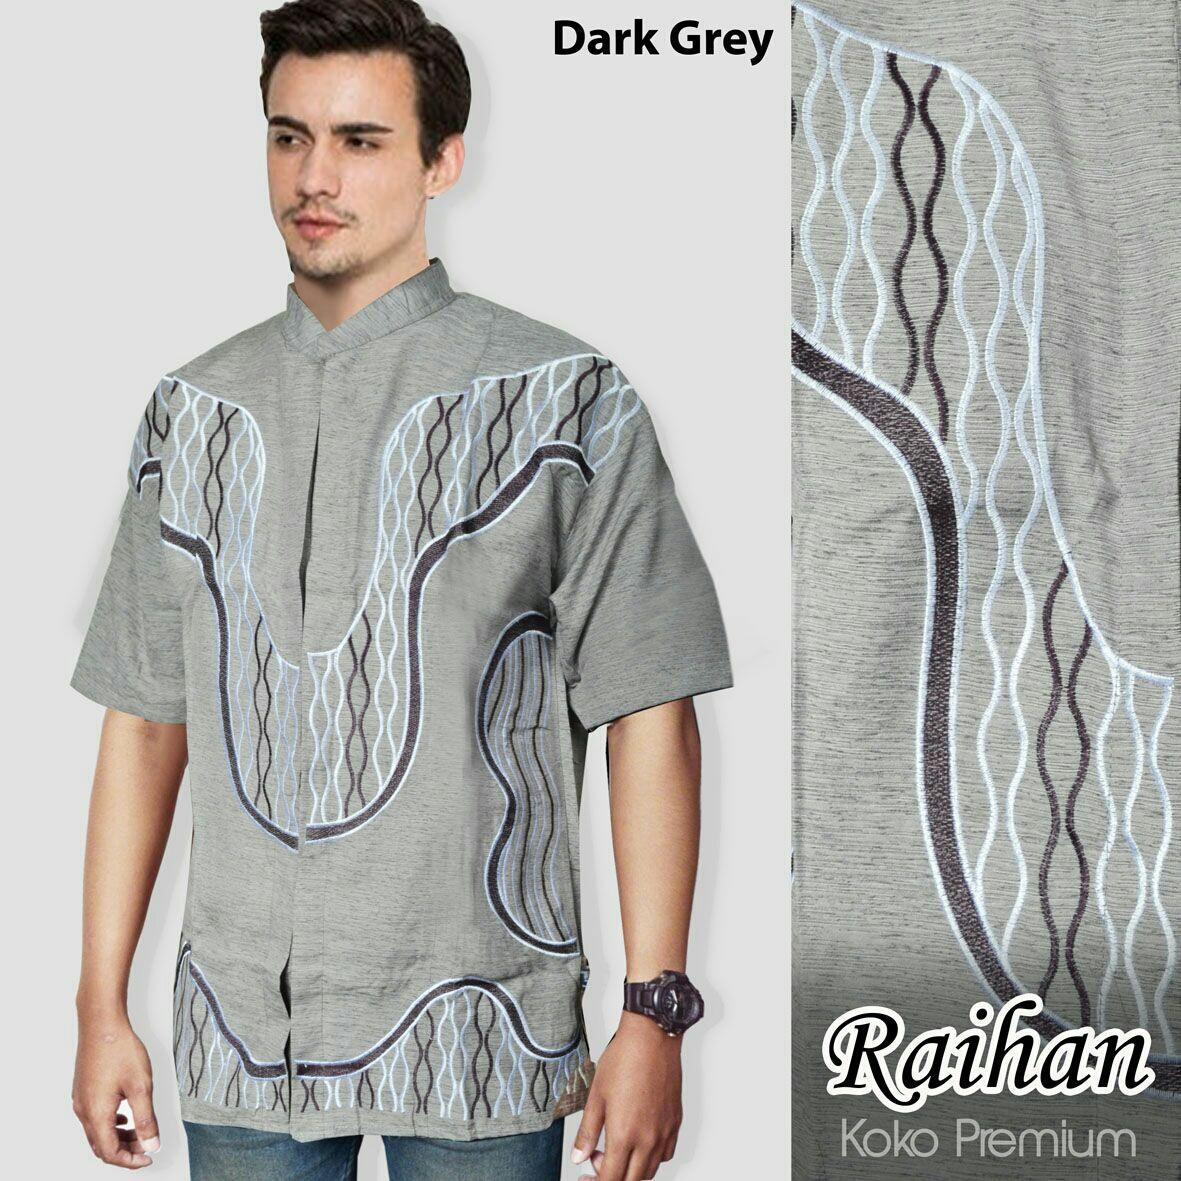 Raihan Darkgrey